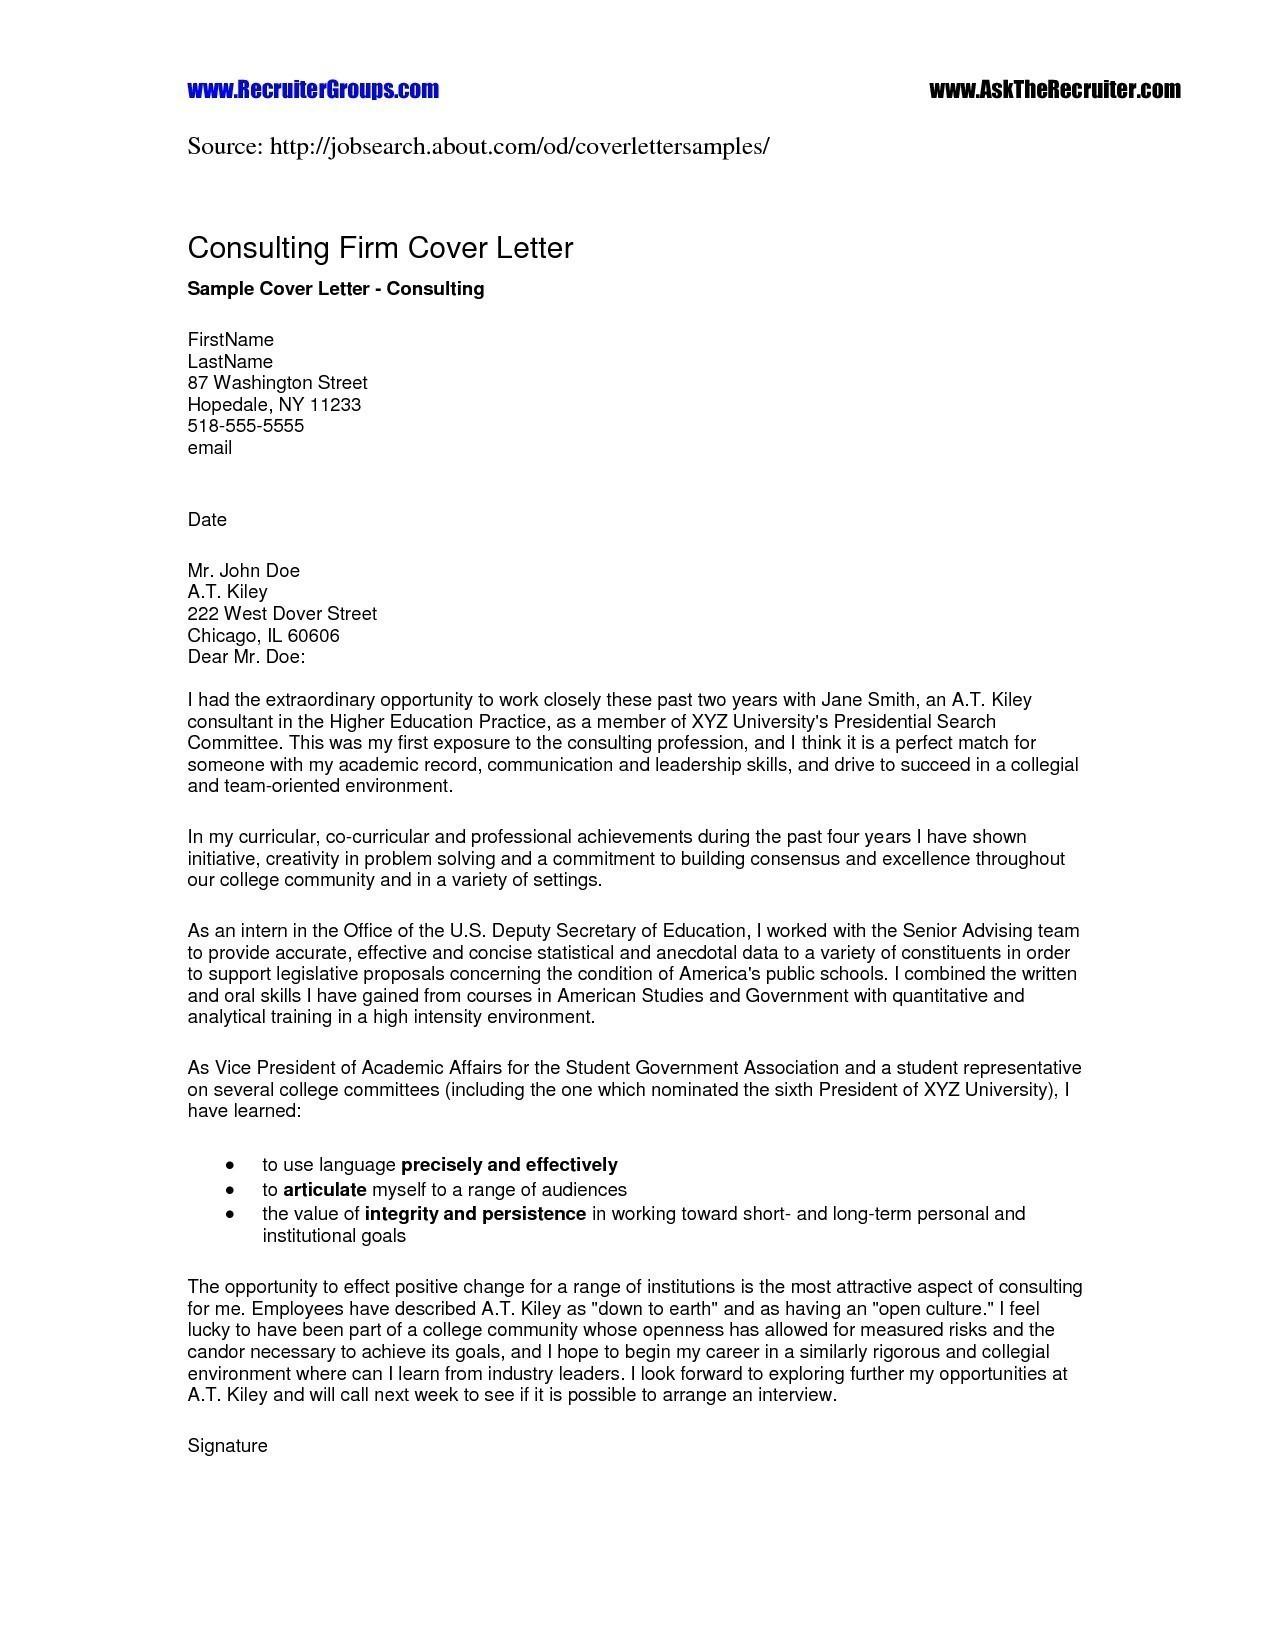 Letter for Job Offer Template - Sample for Job Fer Letter Save Job Fer Letter Template Us Copy Od